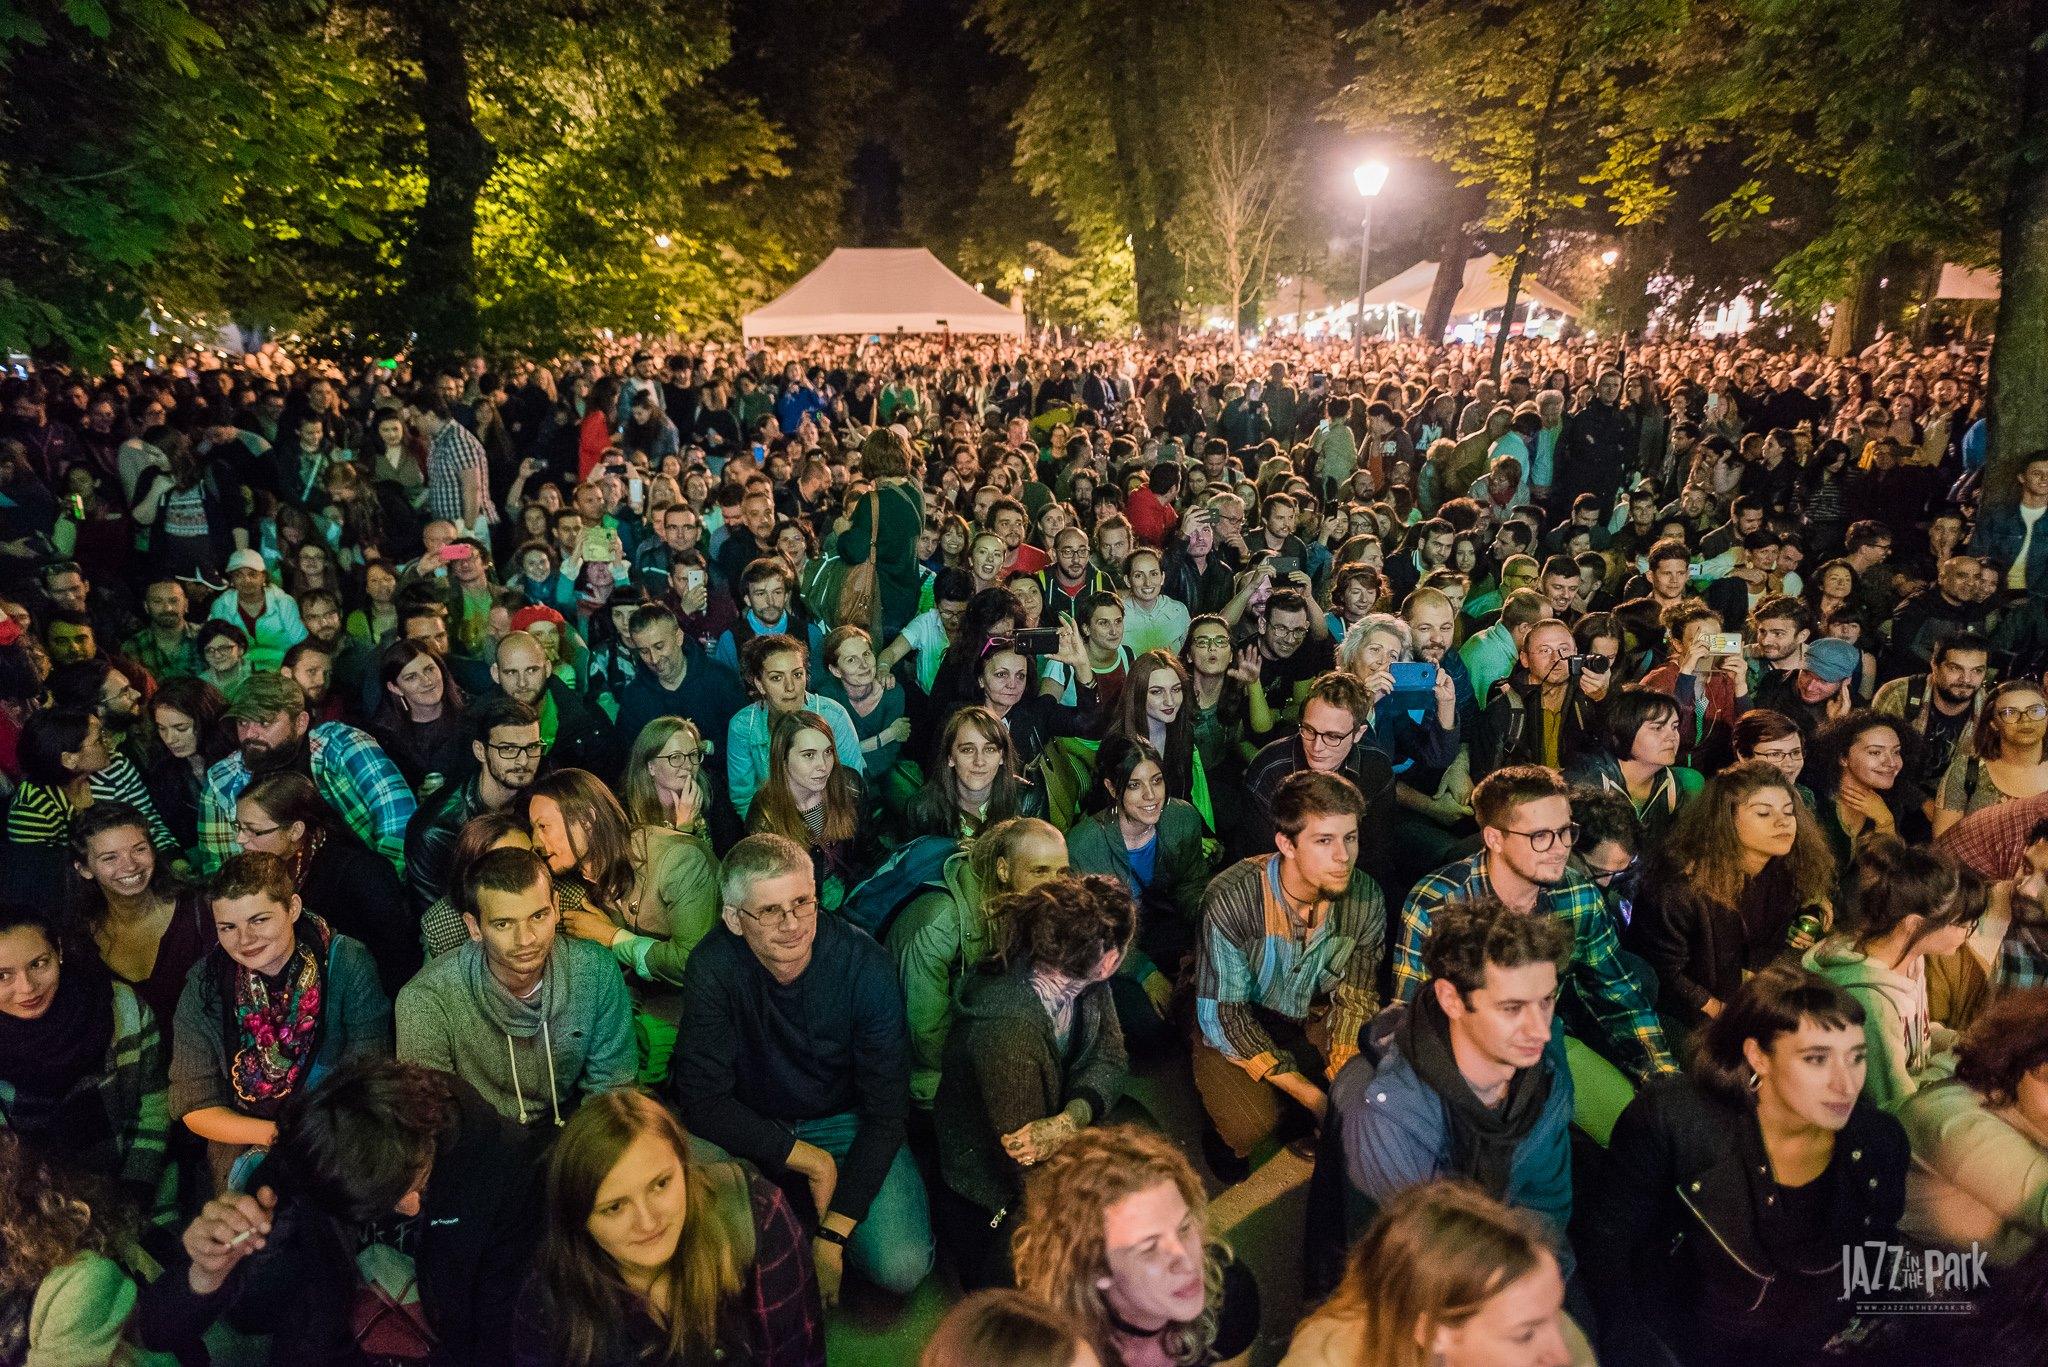 E din nou jazz la Cluj toamna asta. Jazz In The Park anunță artiștii pentru ediția specială